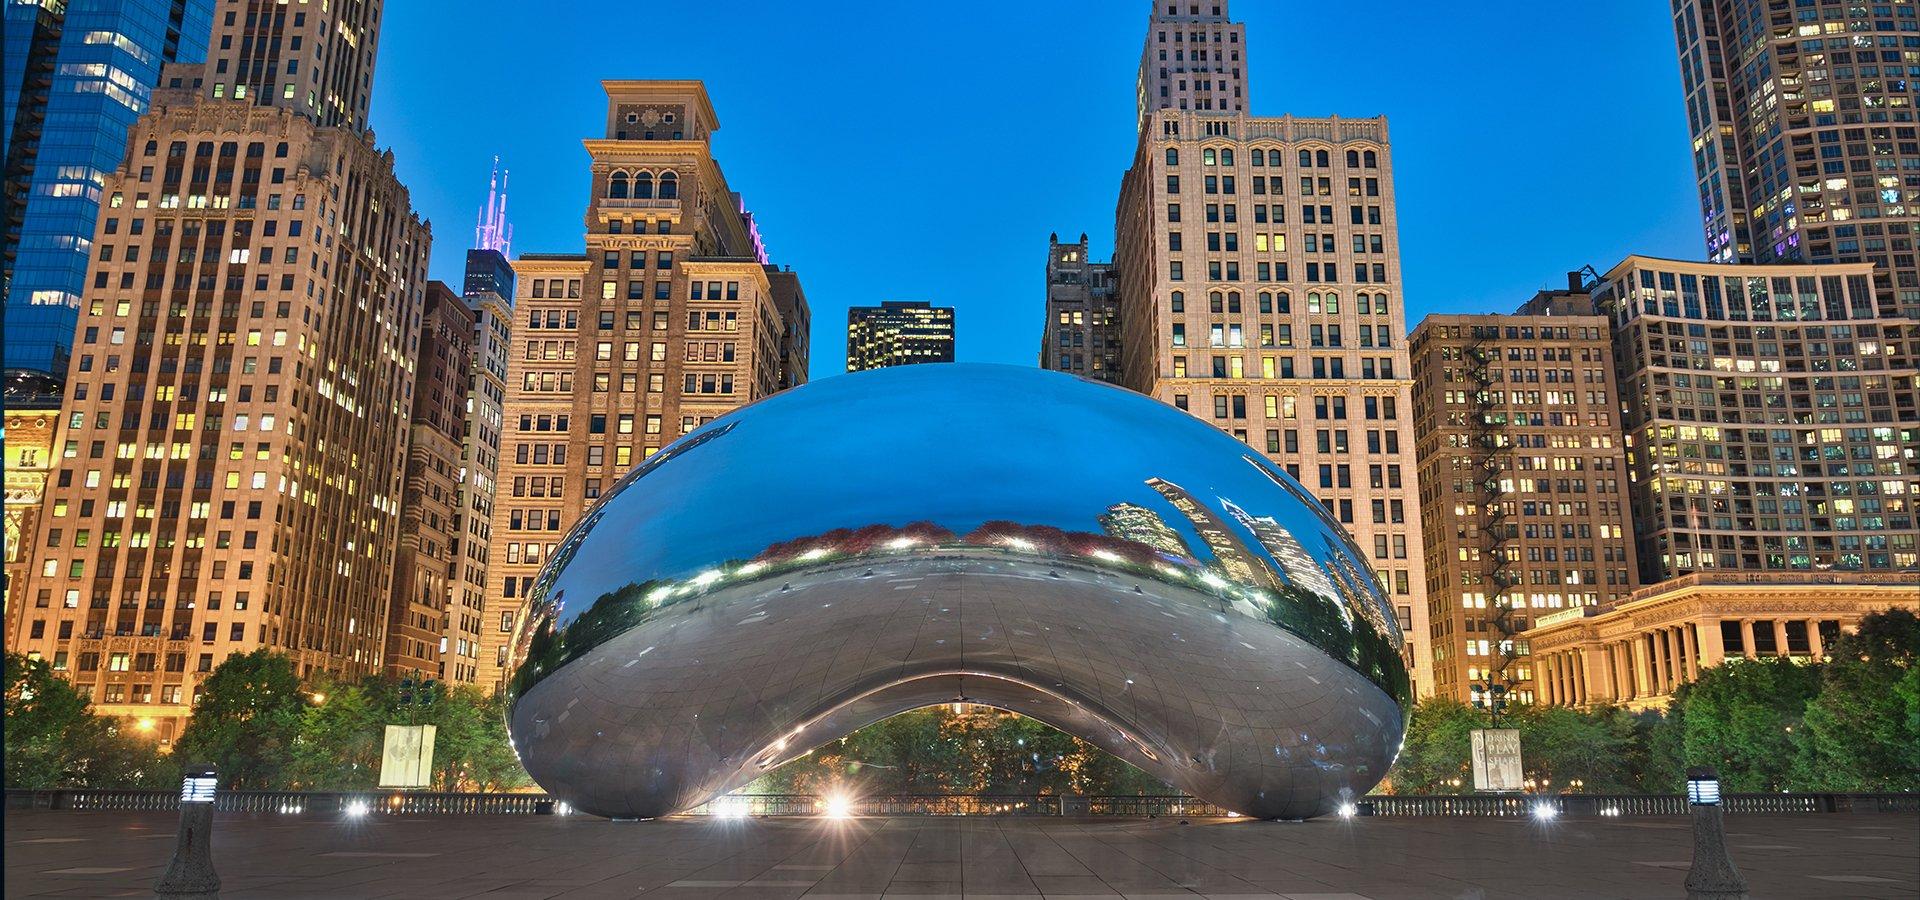 BSP_Local_Chicago_Bk